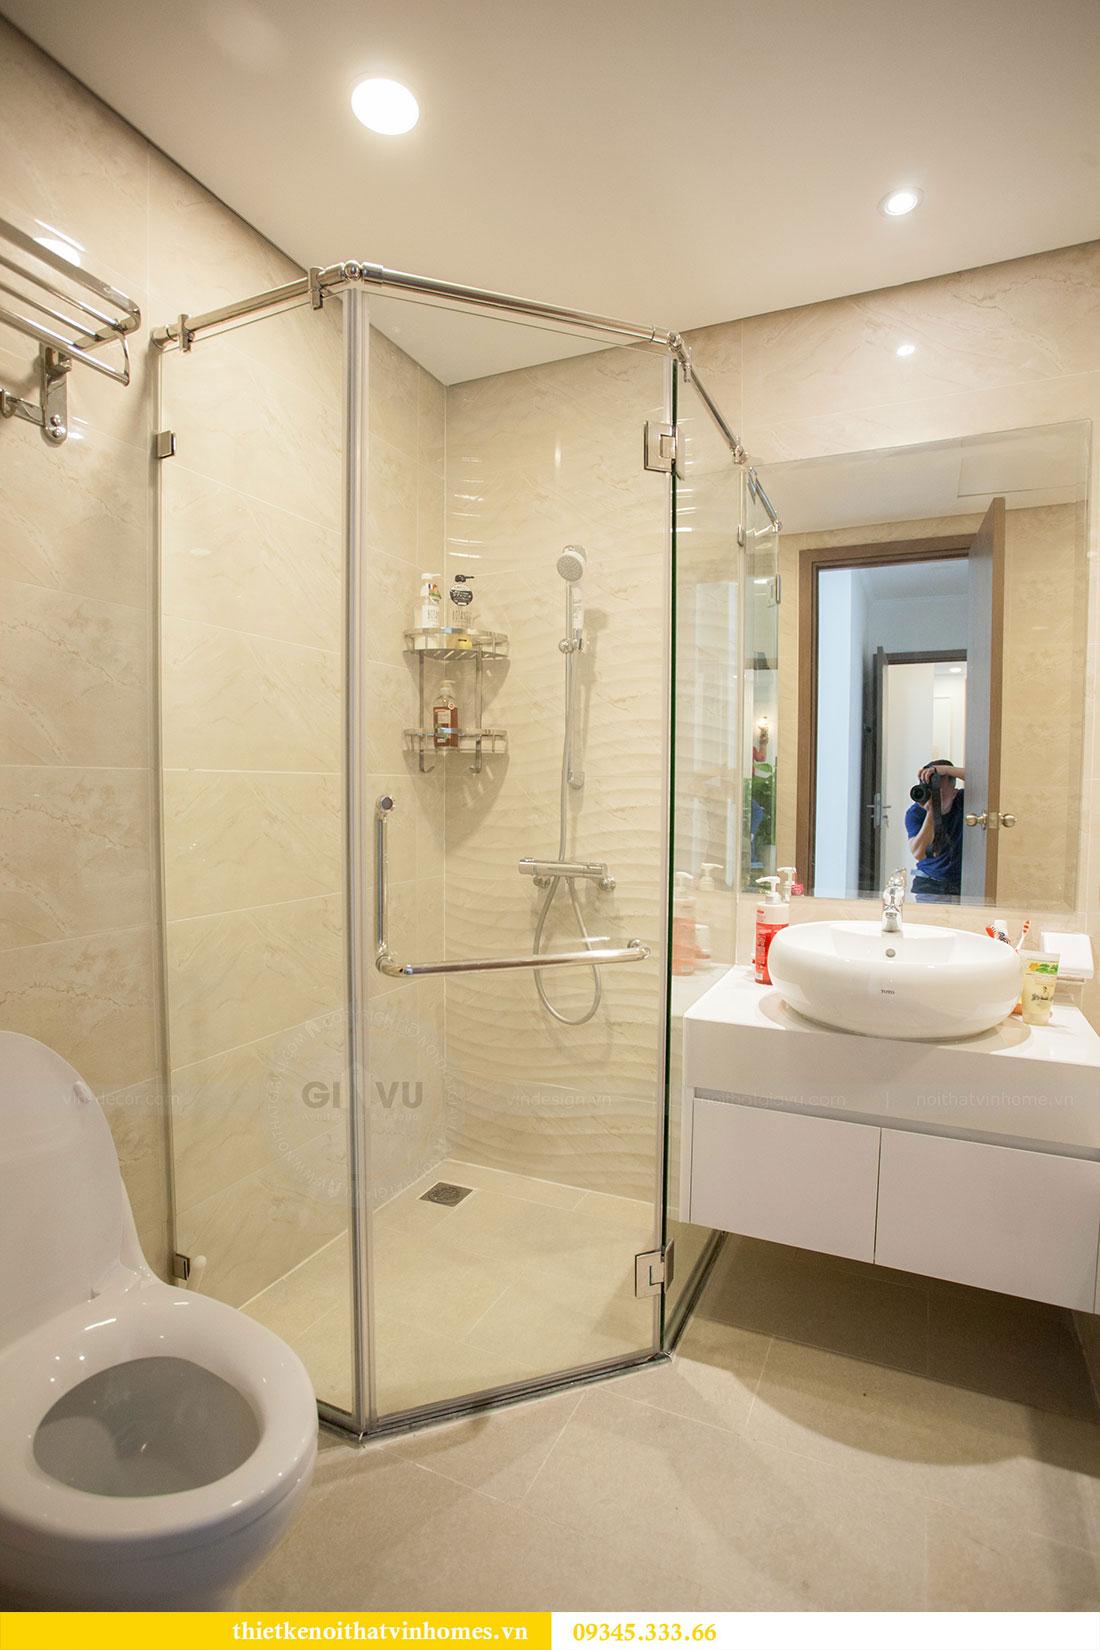 Hoàn thiện nội thất chung cư Dcapitale căn 2 phòng ngủ 17